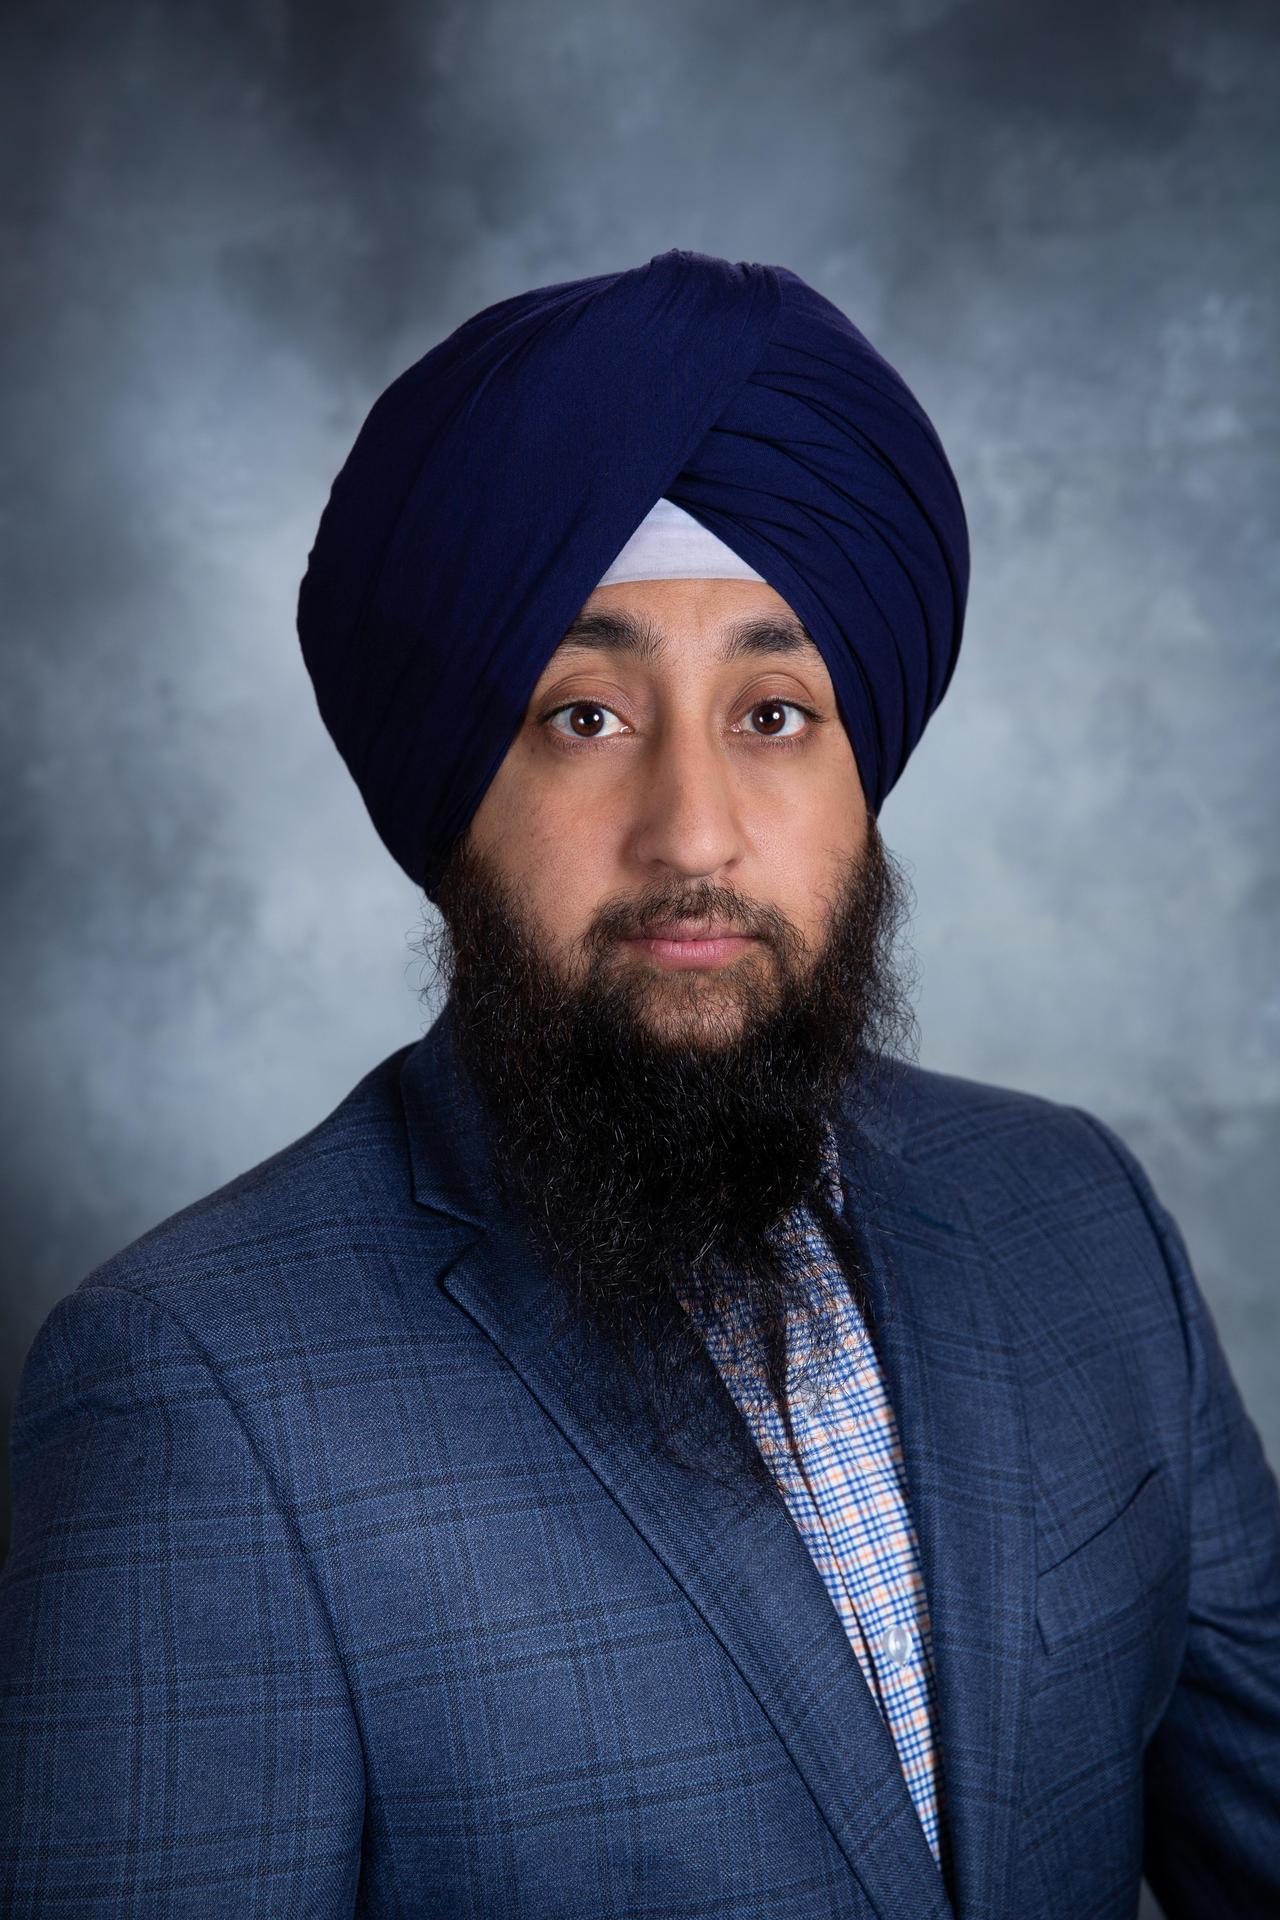 Naindeep Singh